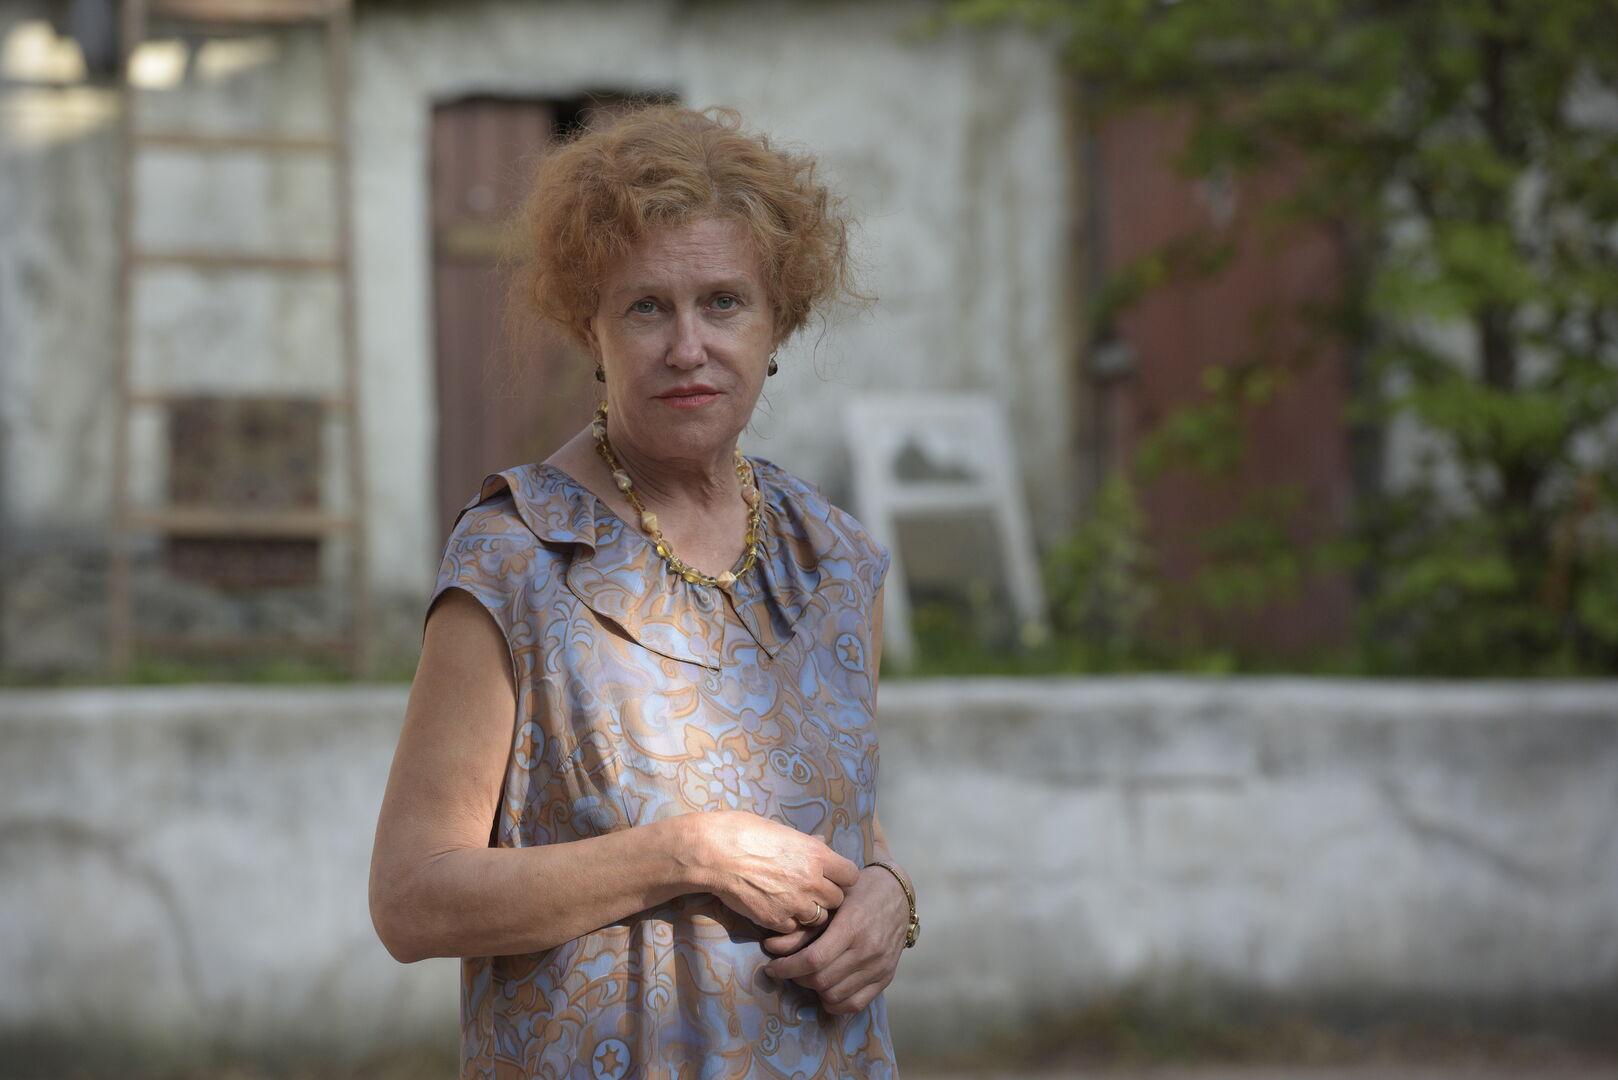 """К/ф """"Одесса"""", 2019 г. Розанова замечательно сыграла маму и бабушку в большой еврейской семье"""